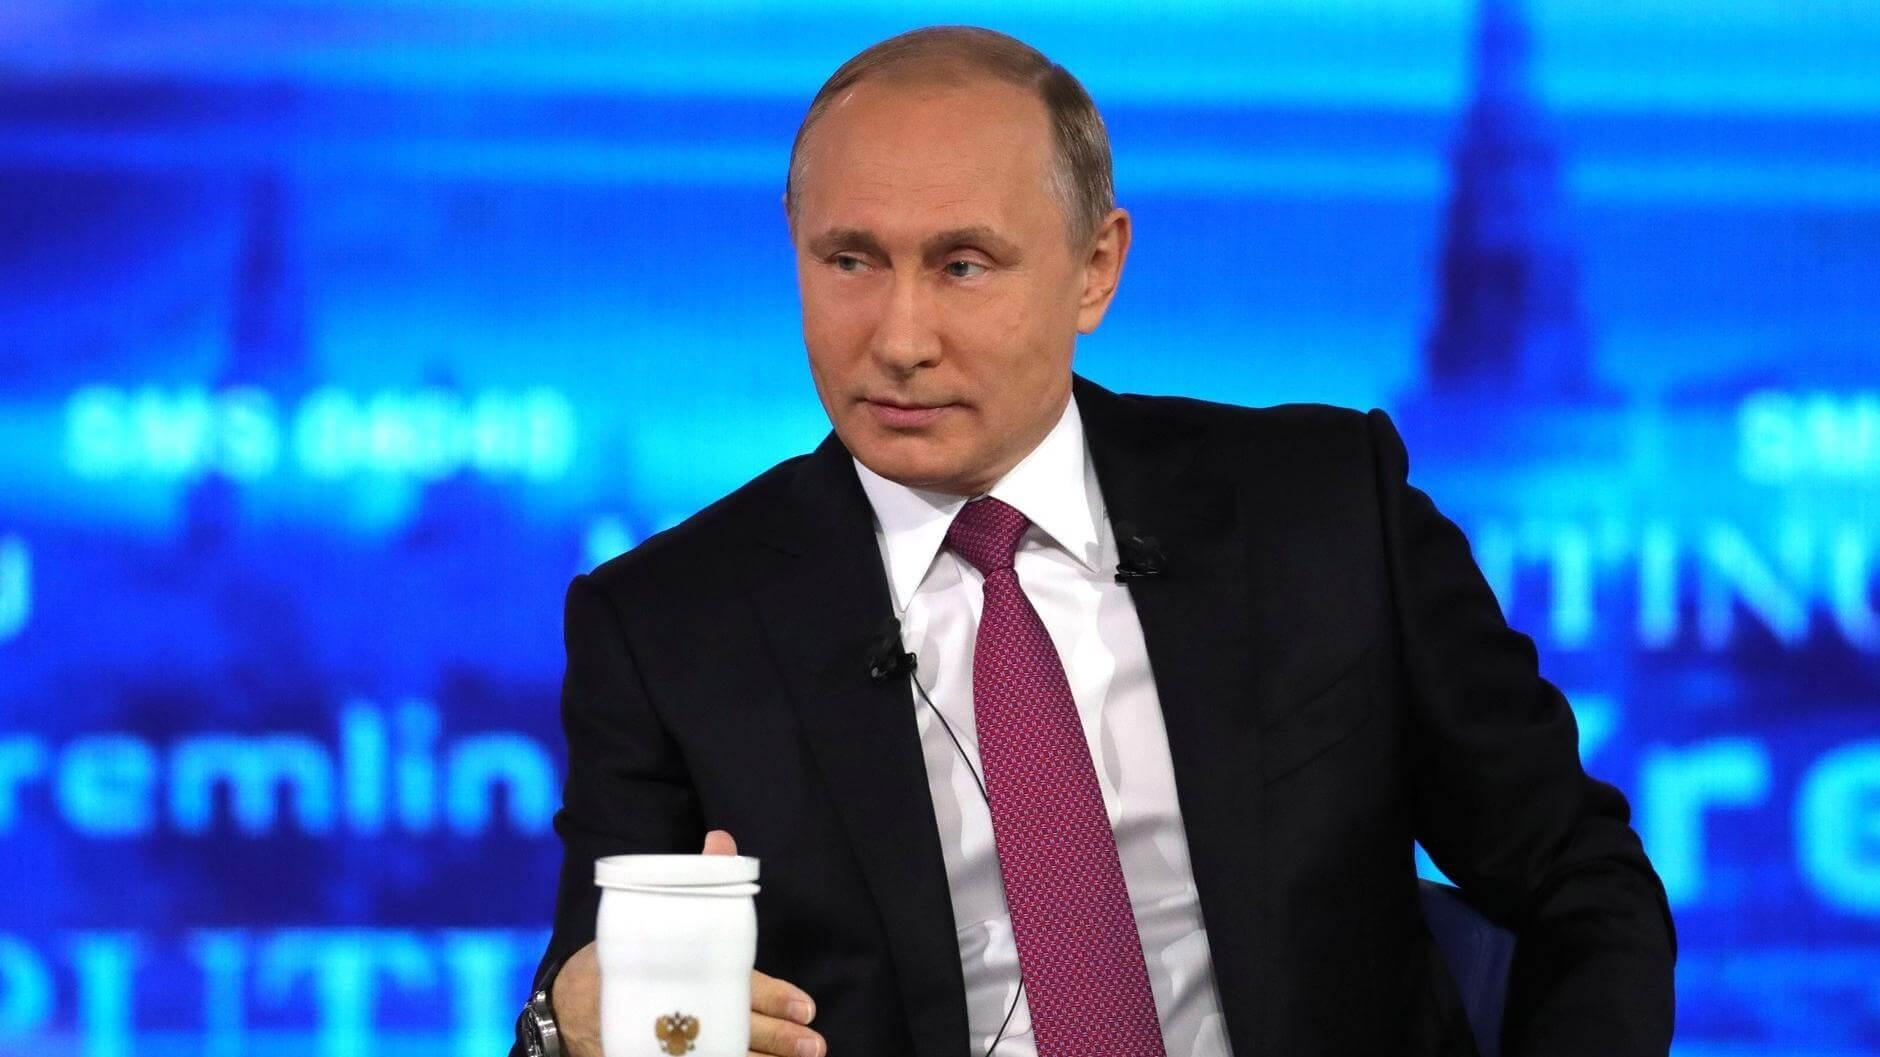 В России употребляют алкоголя меньше, чем в Германии. Что еще сказал Путин на прямой трансляции.